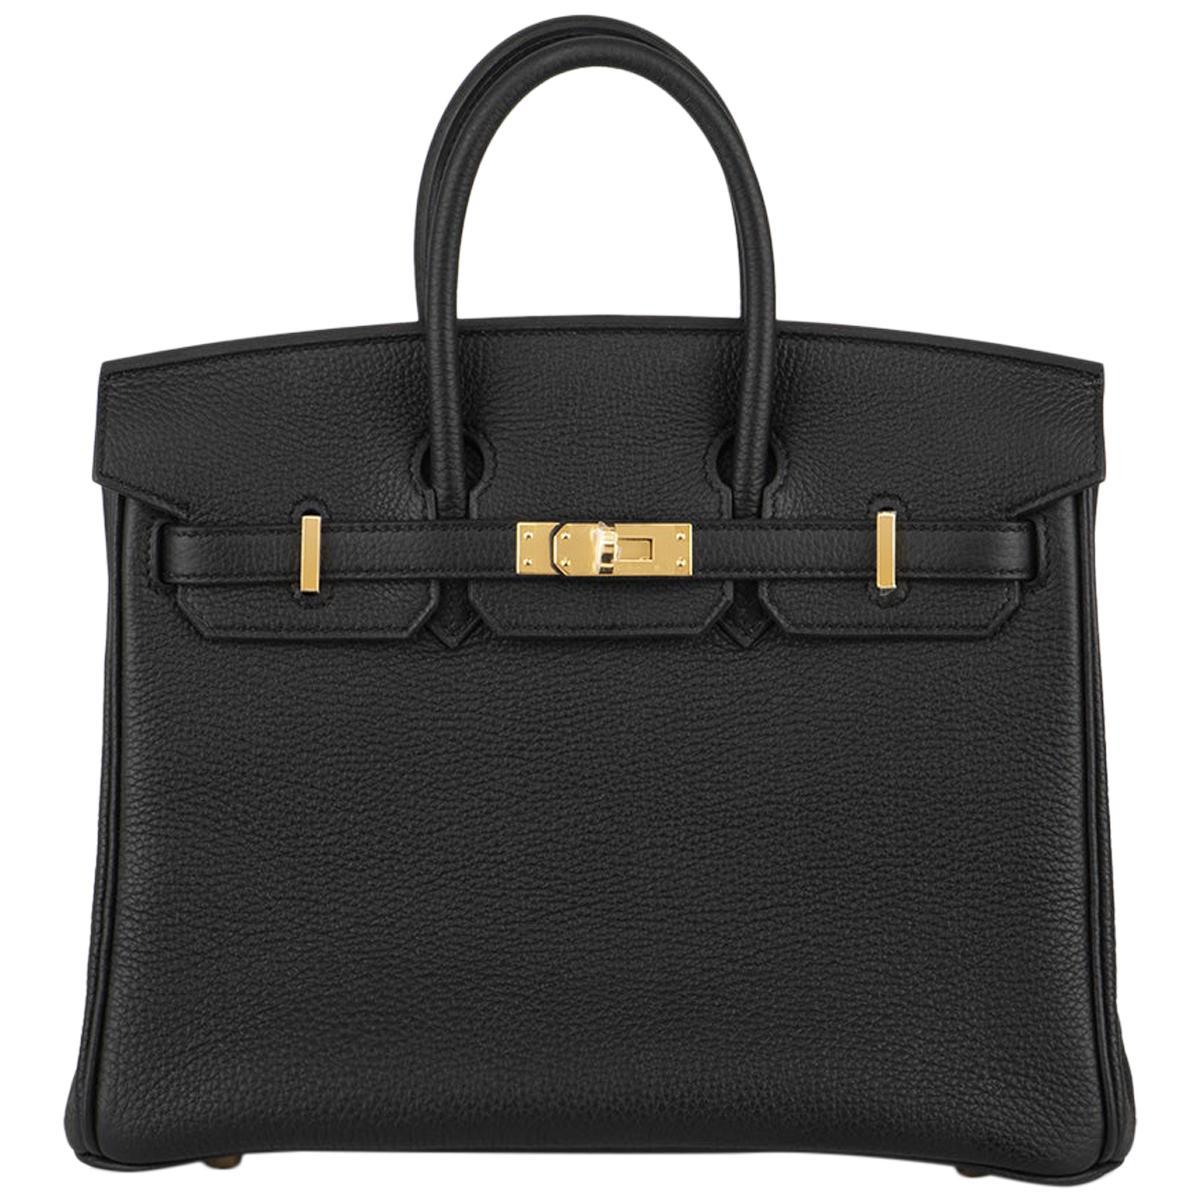 Hermès Black Togo Birkin 25cm GHW 2020 BNIB